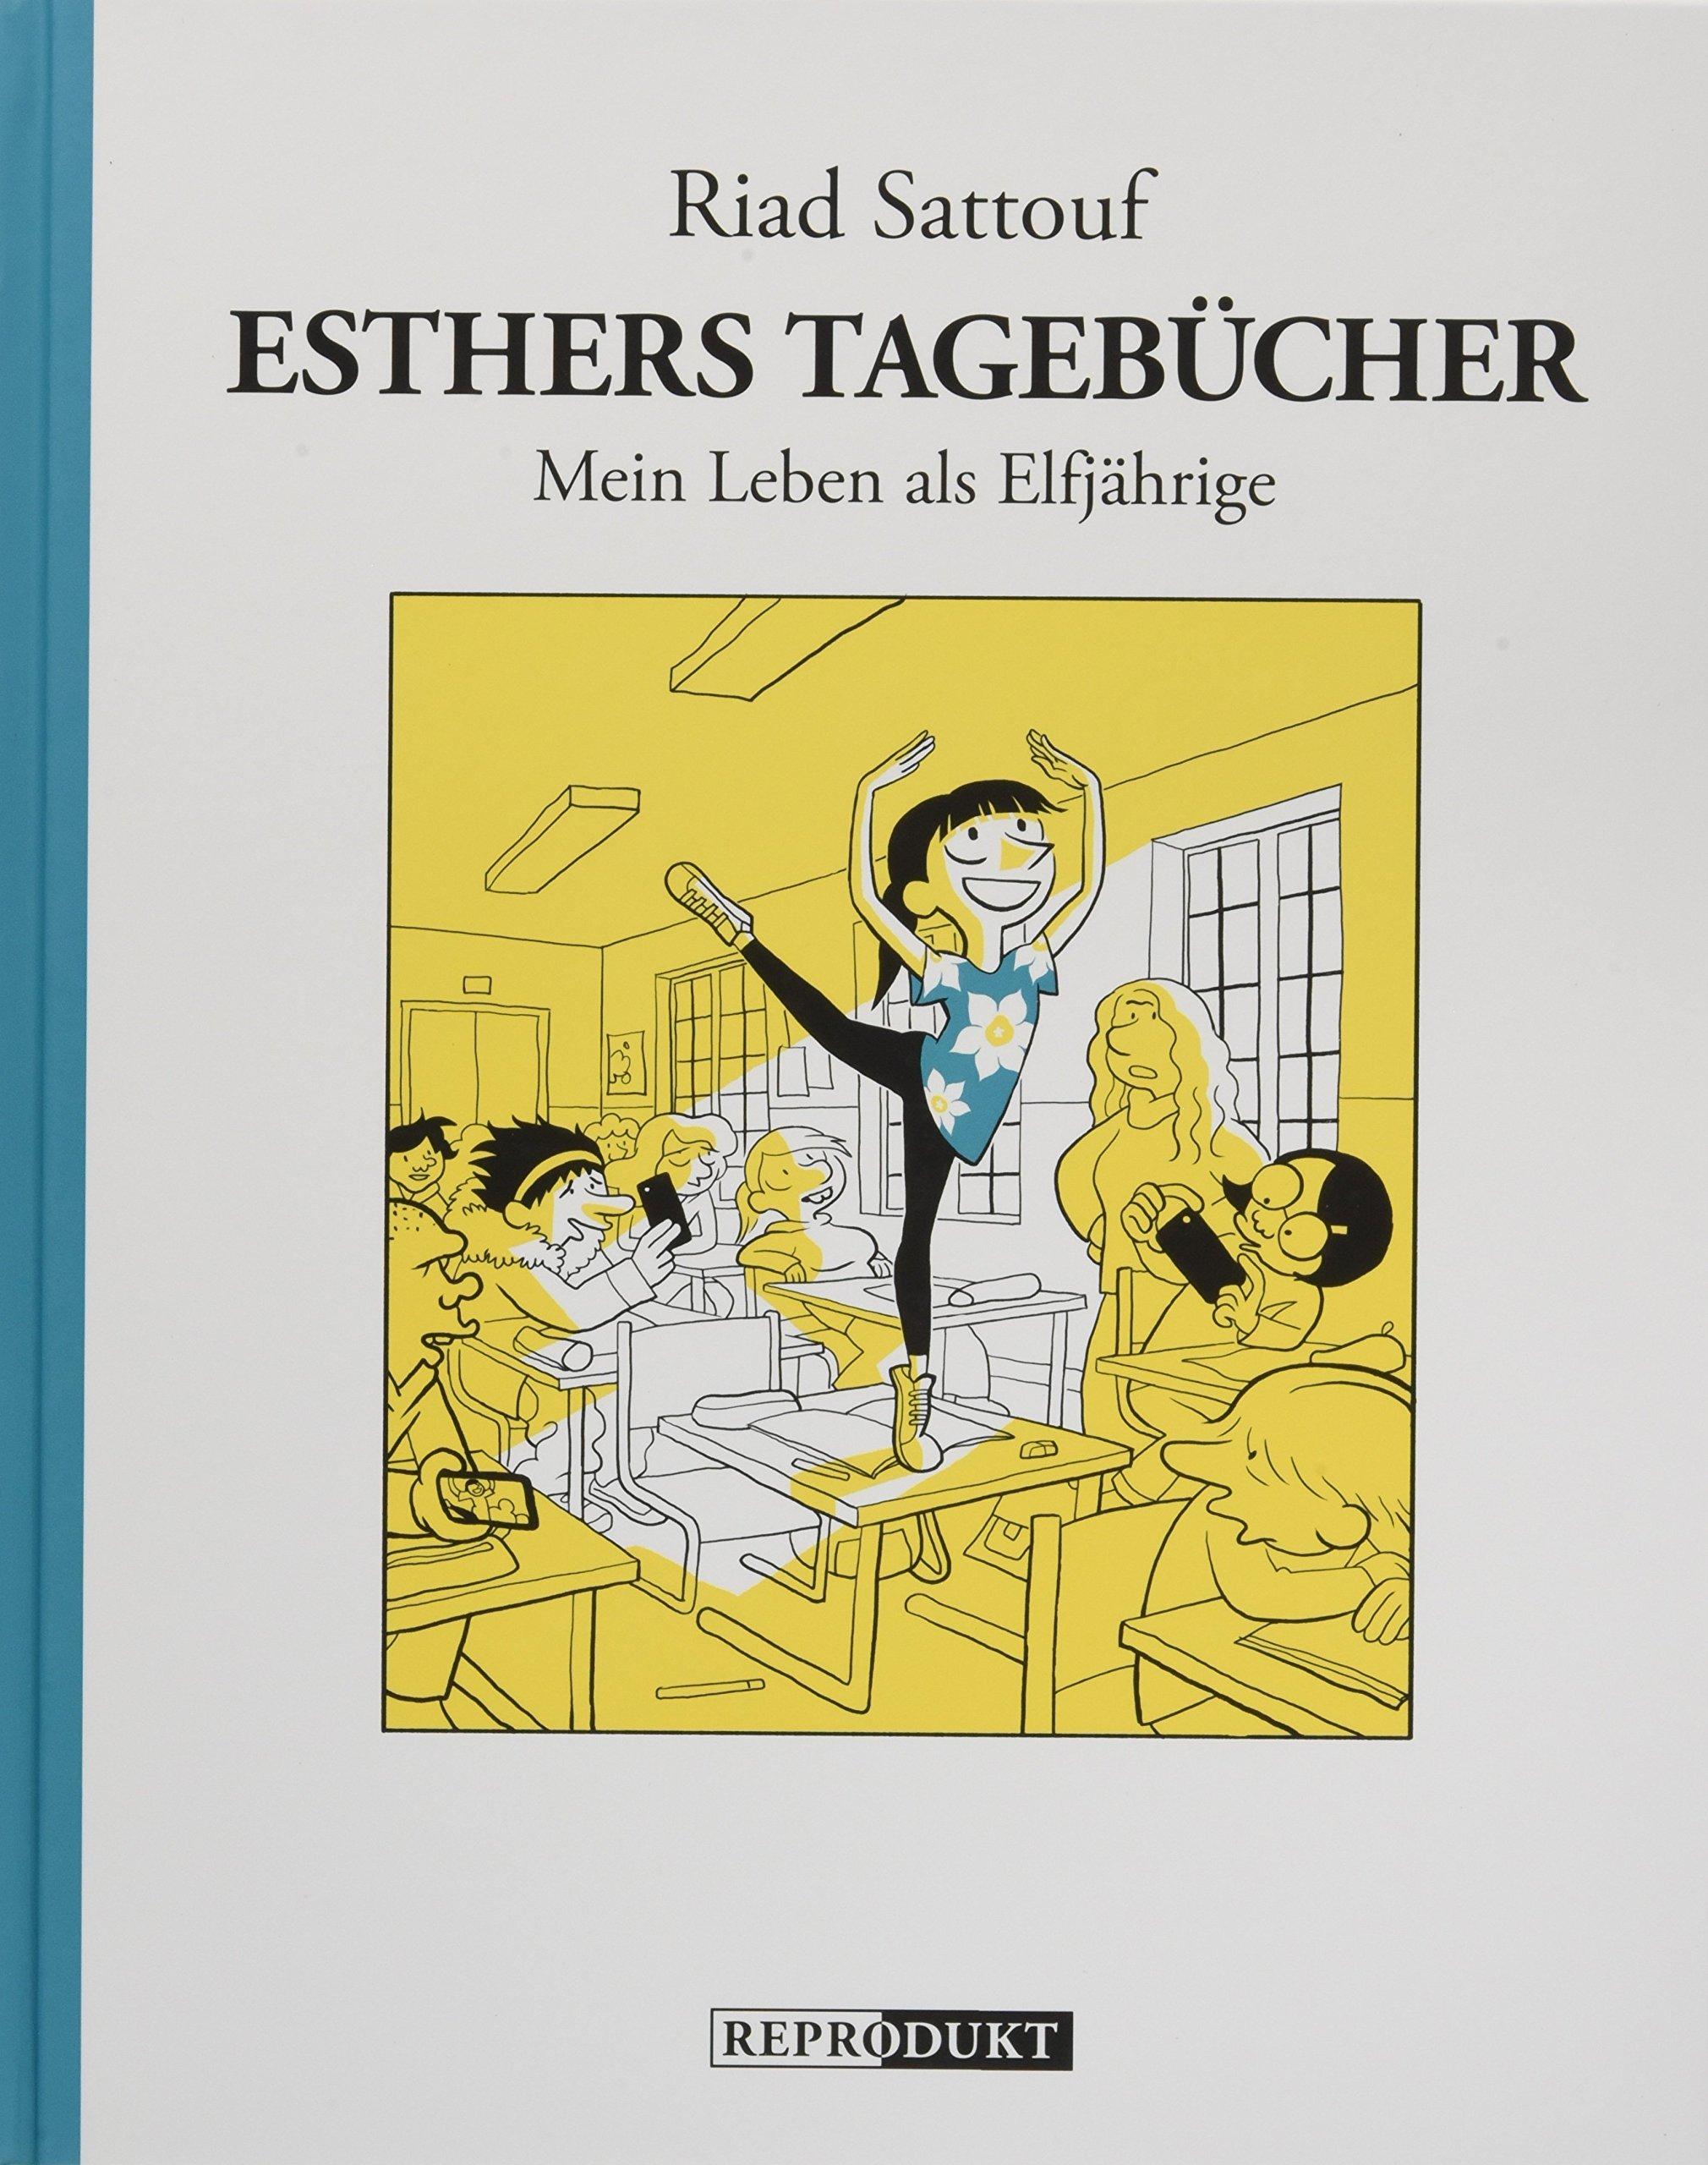 Esthers Tagebücher 2: Mein Leben als Elfjährige Gebundenes Buch – 31. März 2018 Riad Sattouf Ulrich Pröfrock Reprodukt 3956401468